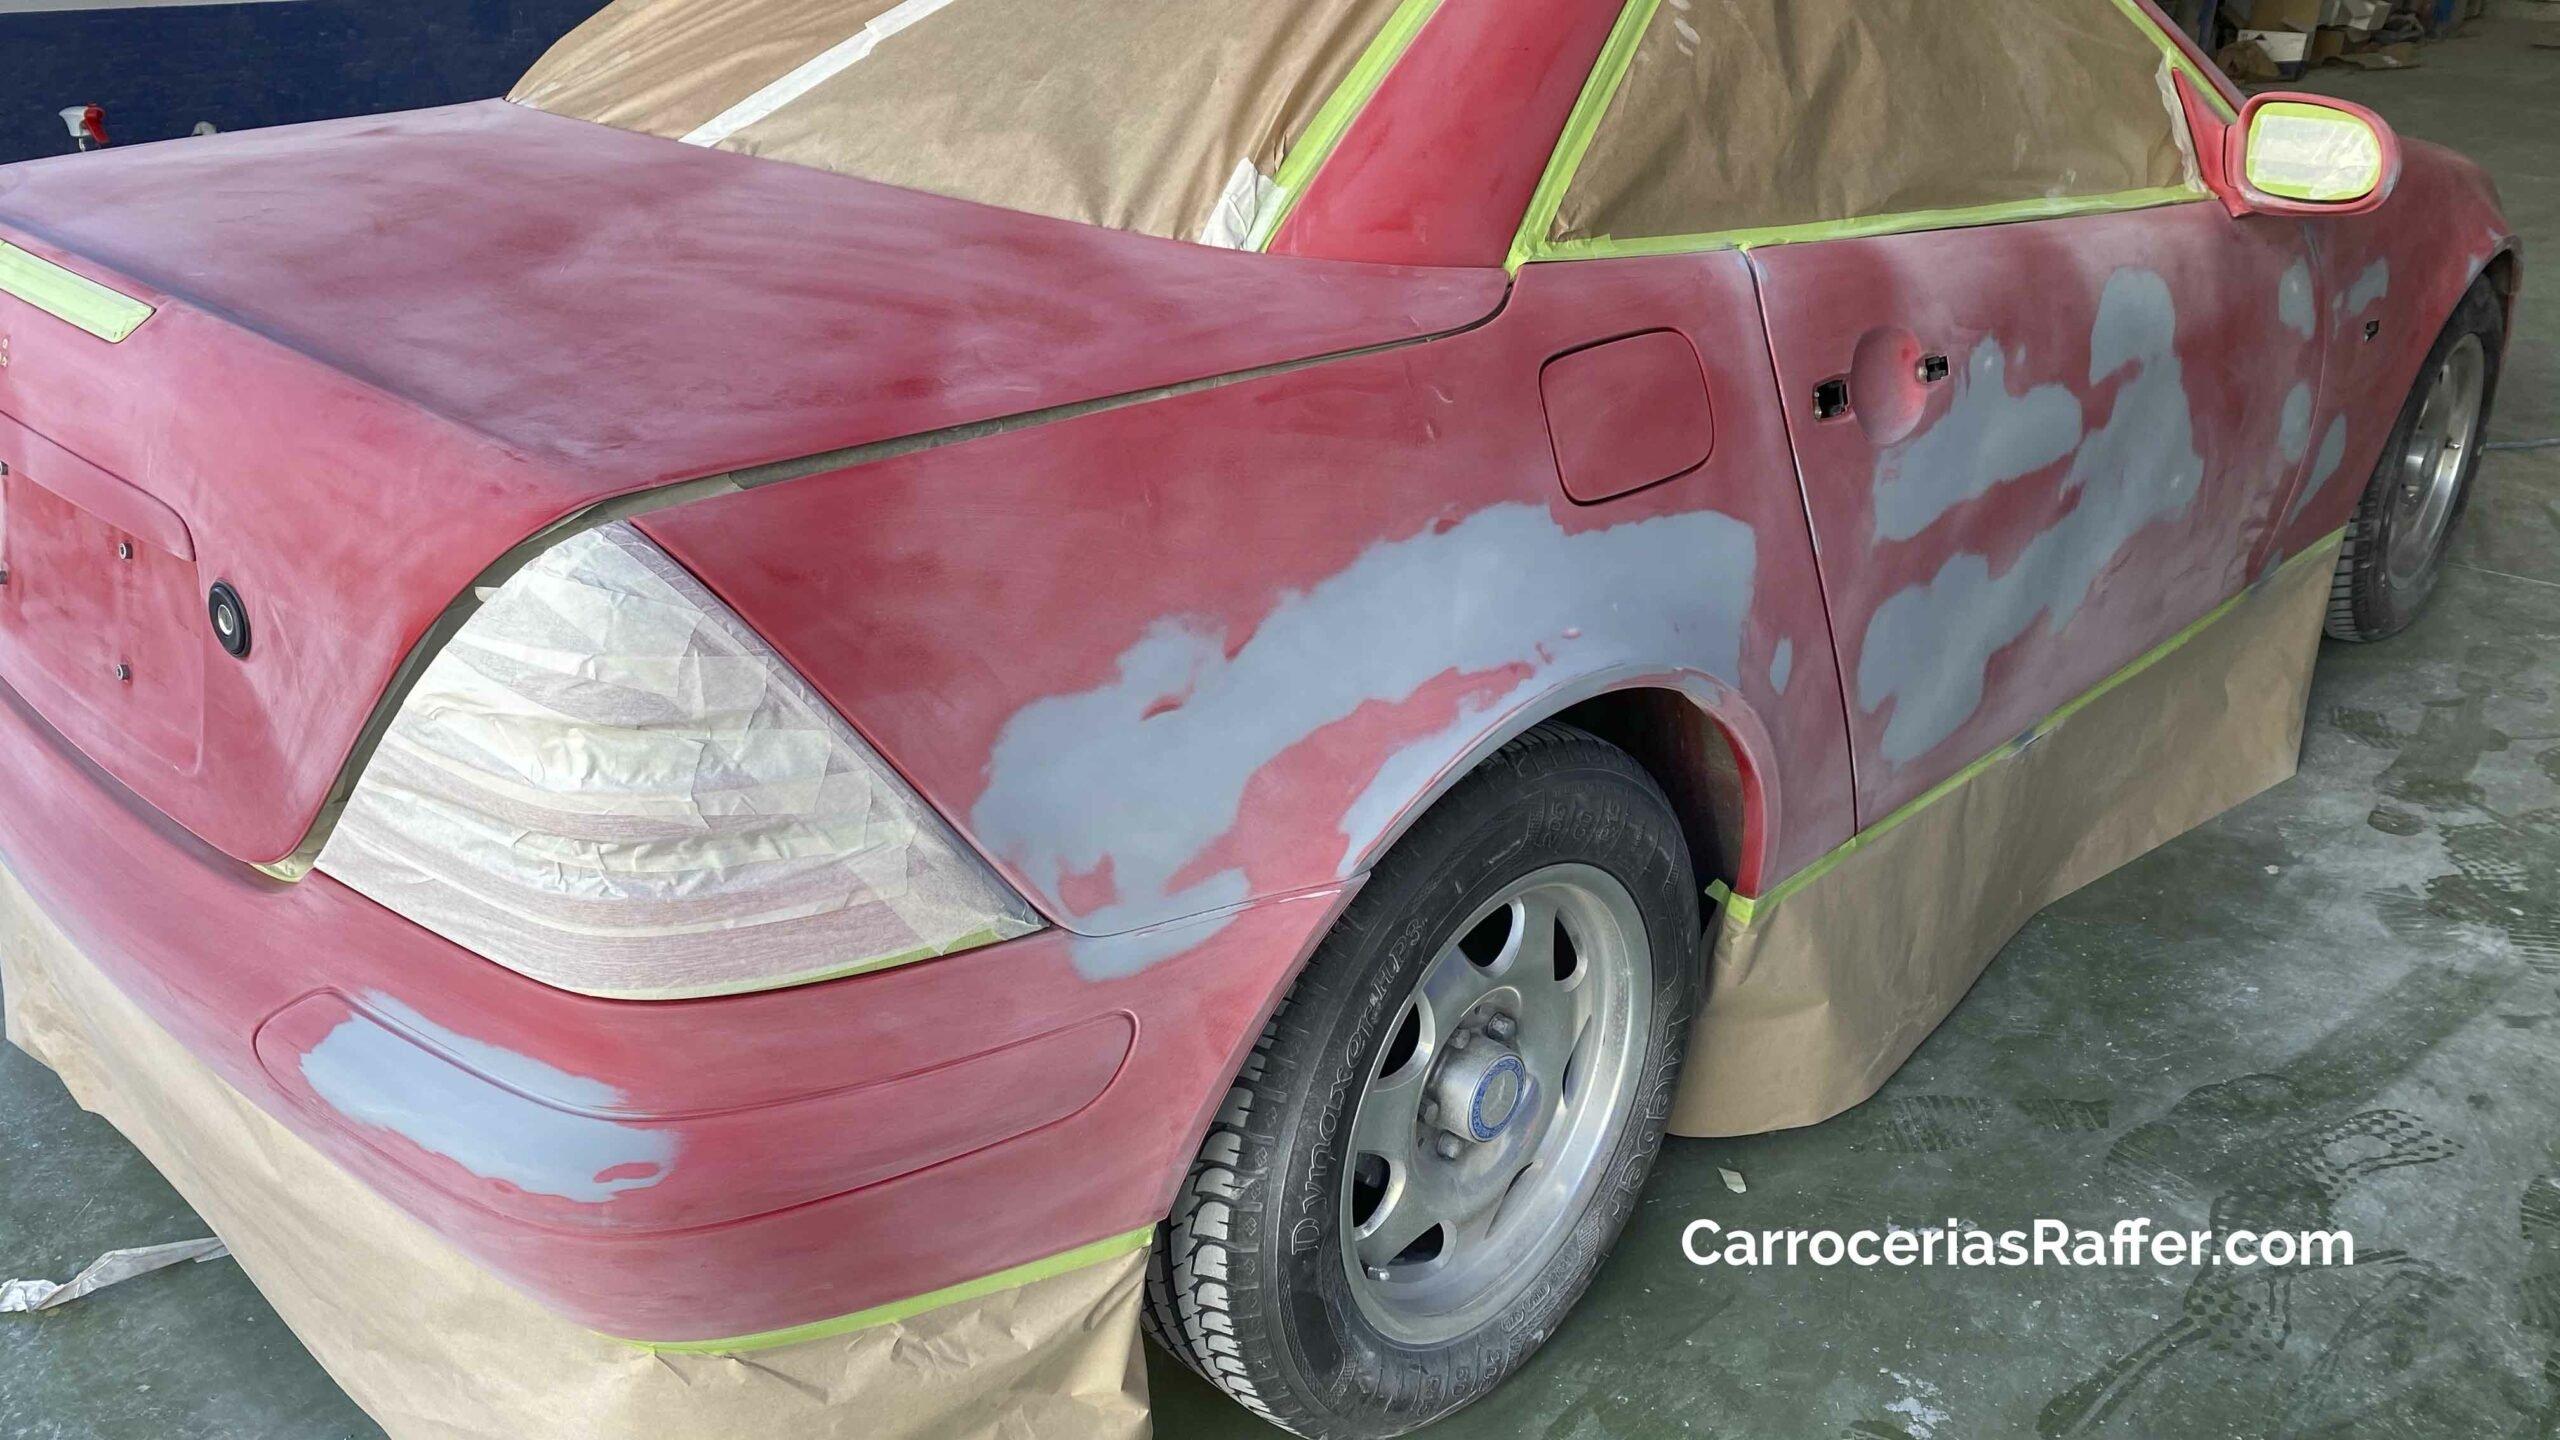 2 carrocerias raffer hernani donostia gipuzkoa taller de chapa y pintura mercedes benz slk